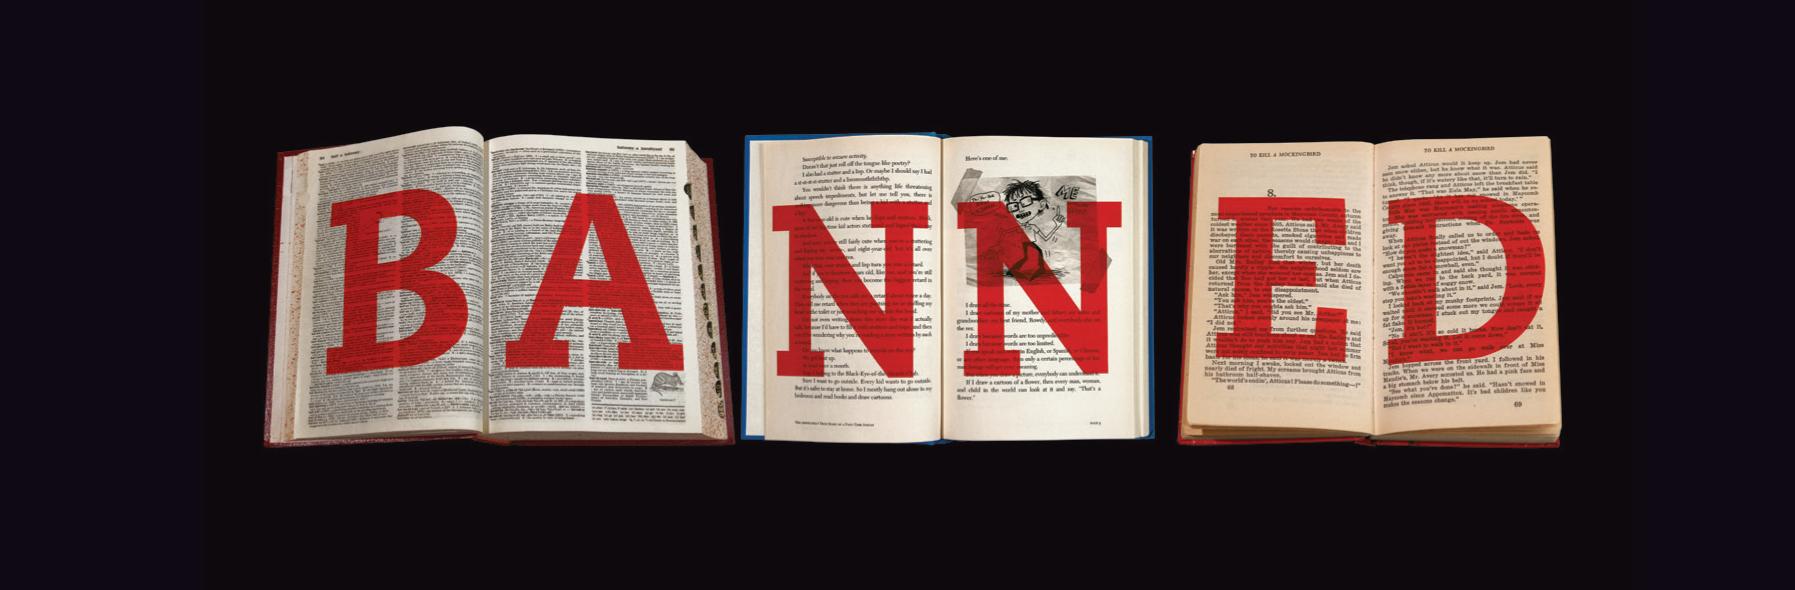 Book censorship?